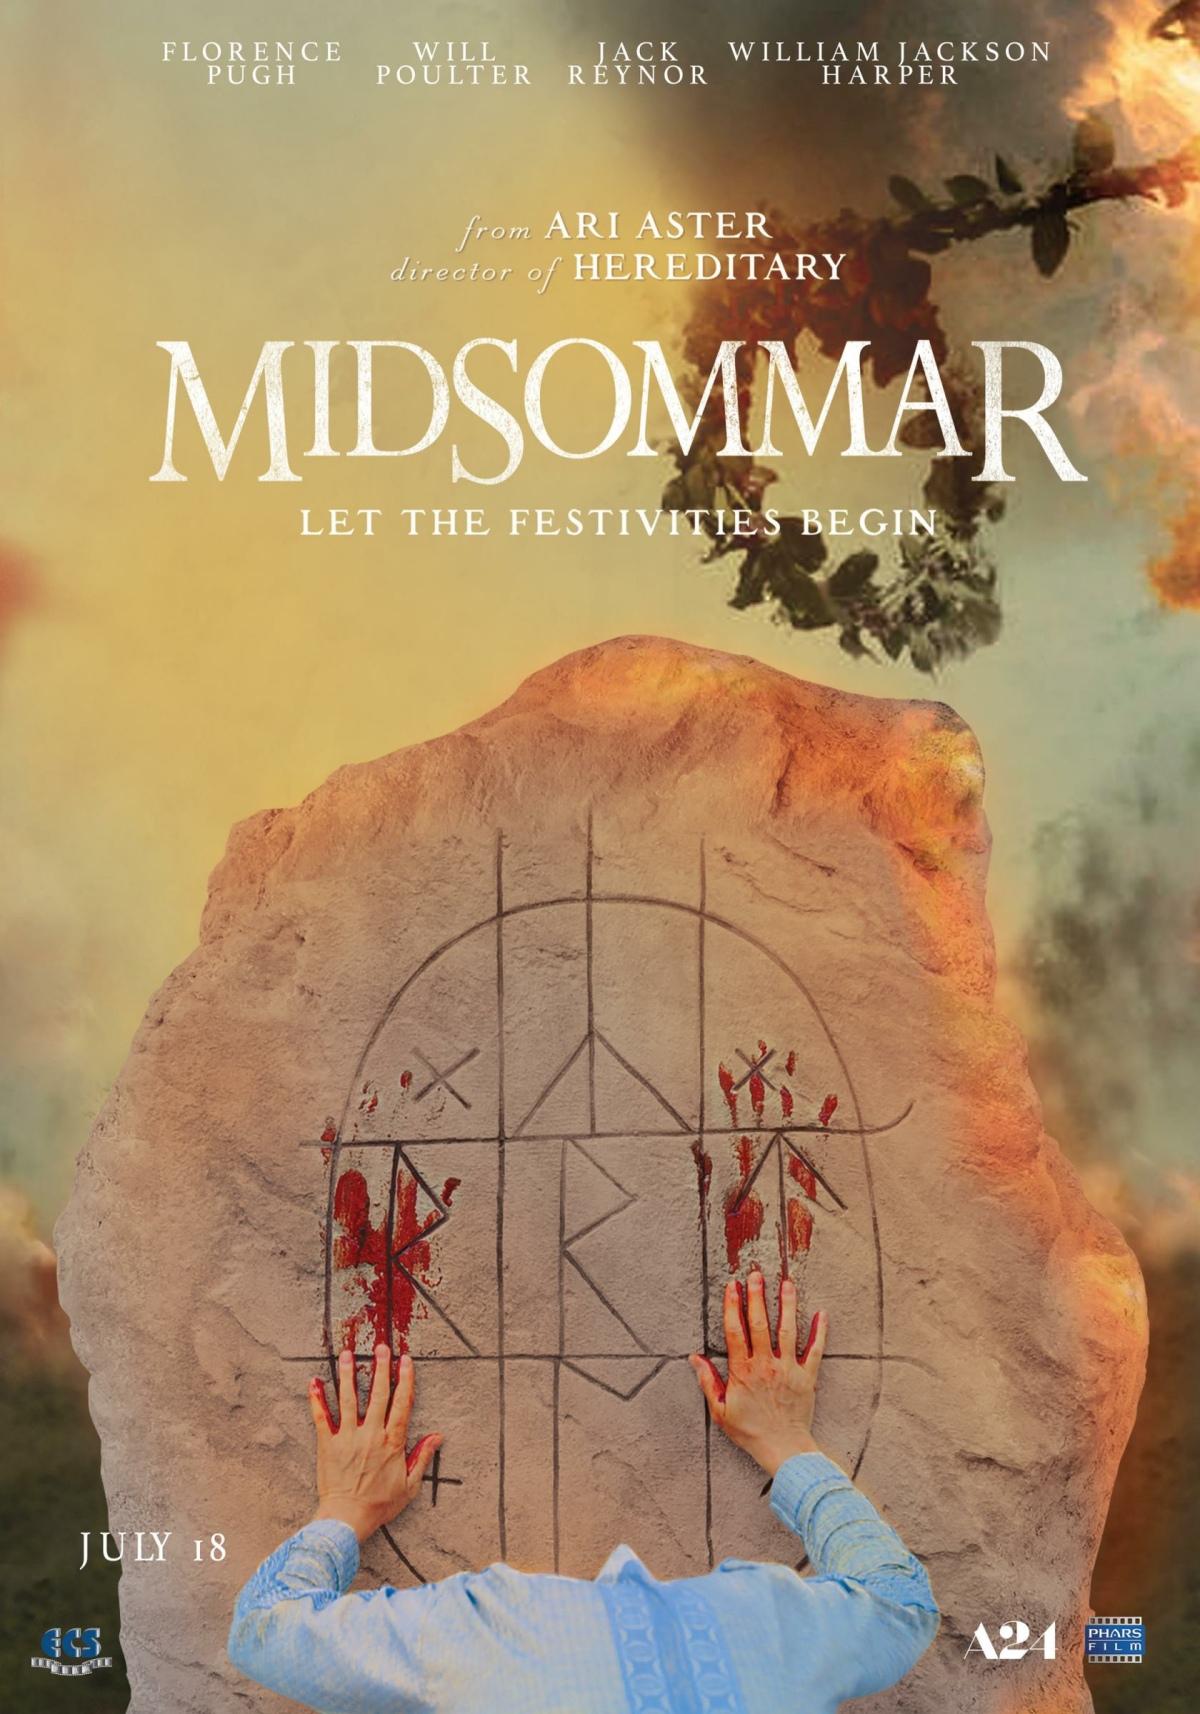 Midsommar (2019, Dir. AriAster)